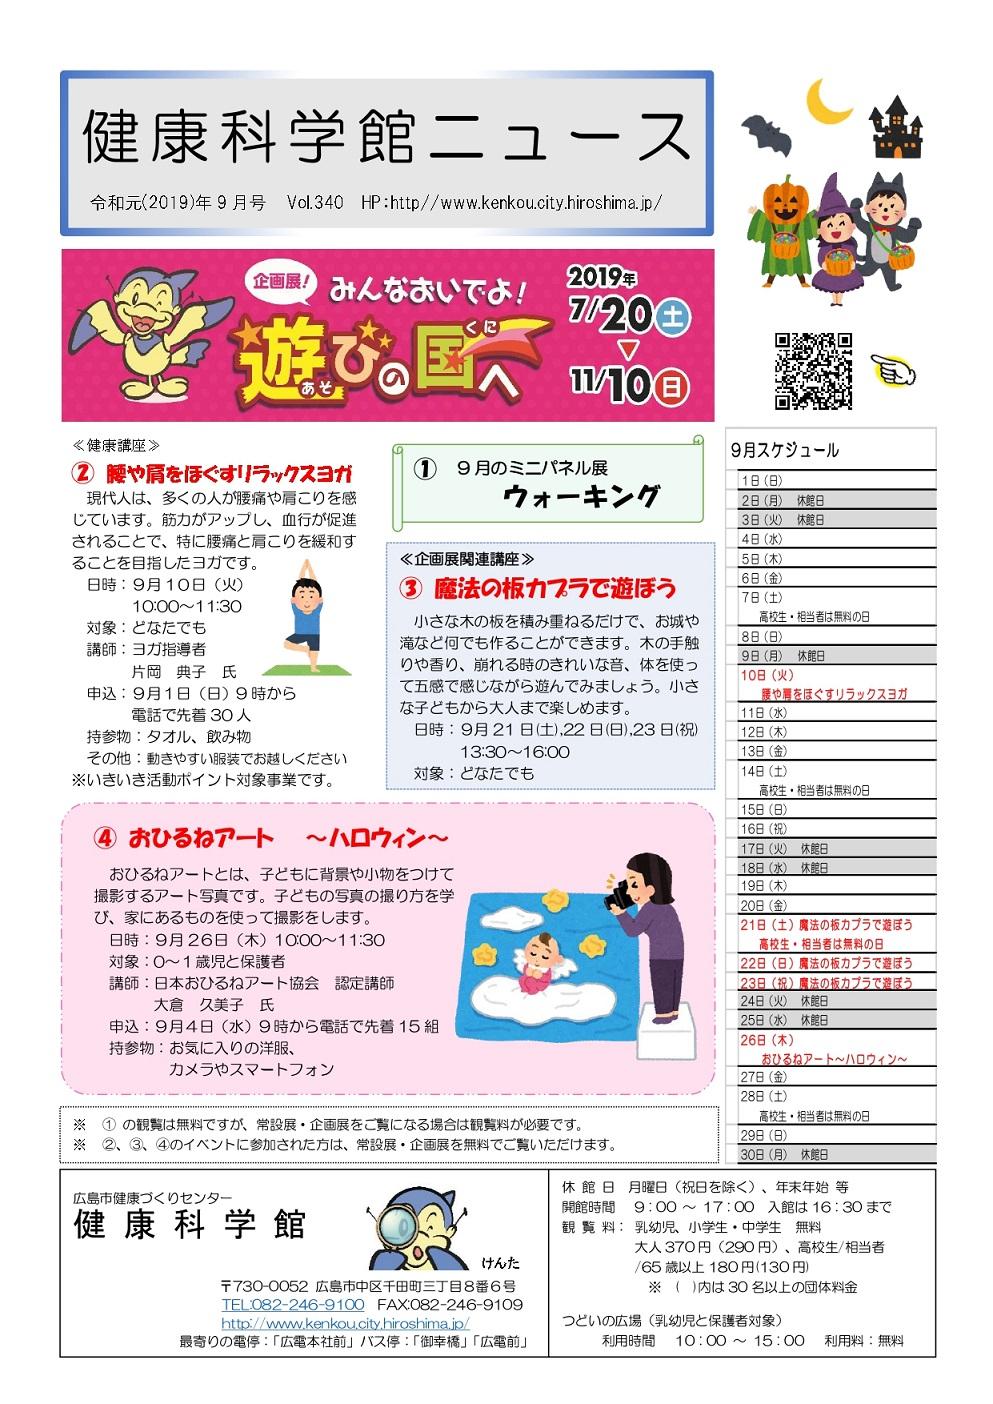 9月表ポスターバージョン_page-0001.jpg